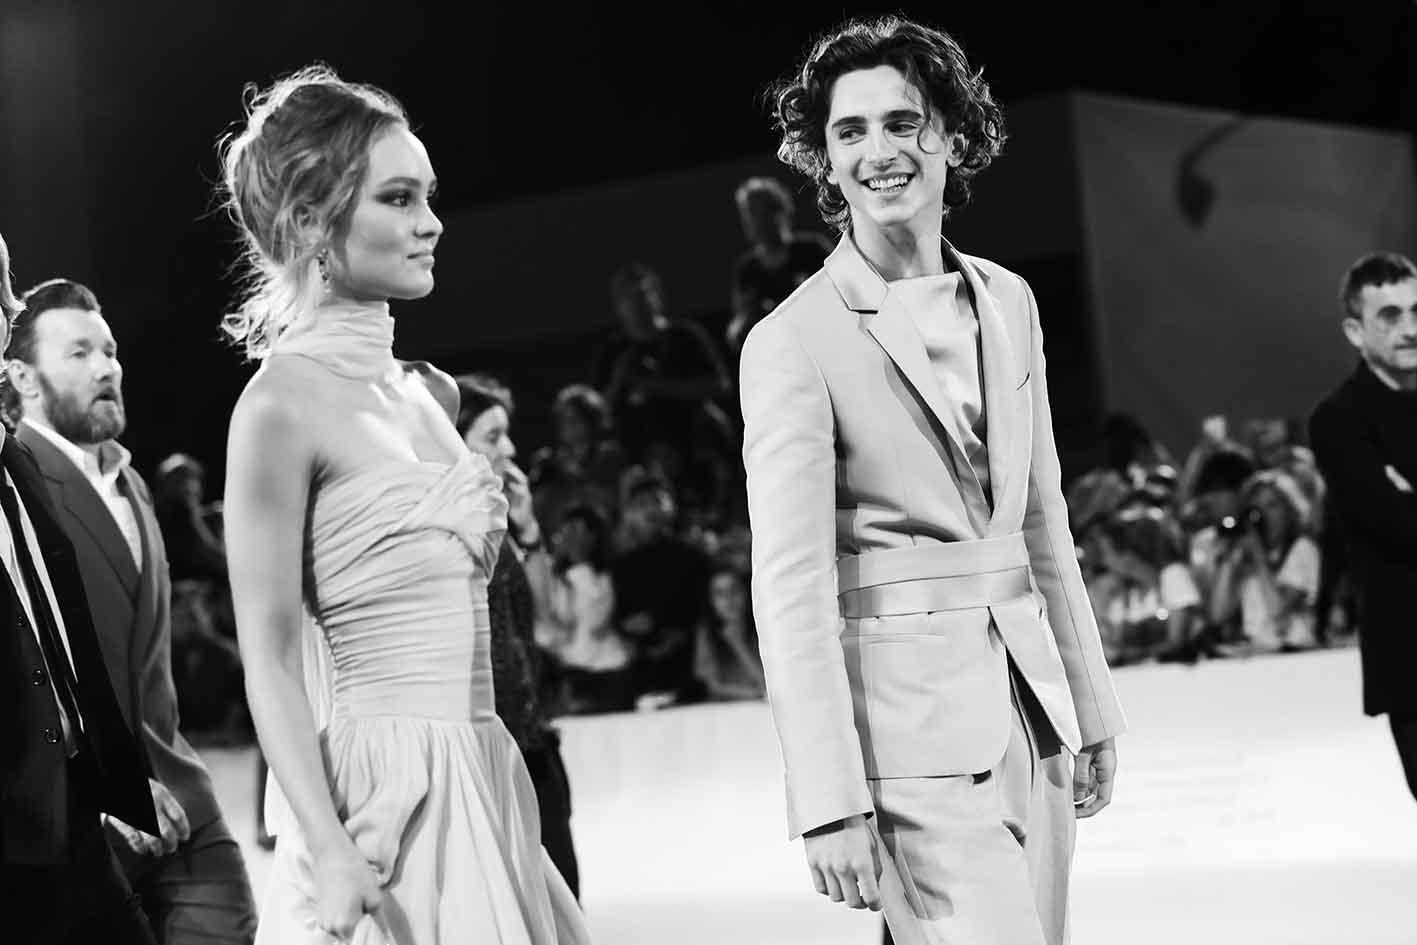 El beso de Lily-Rose Depp y Timothée Chalamet del que todos hablan